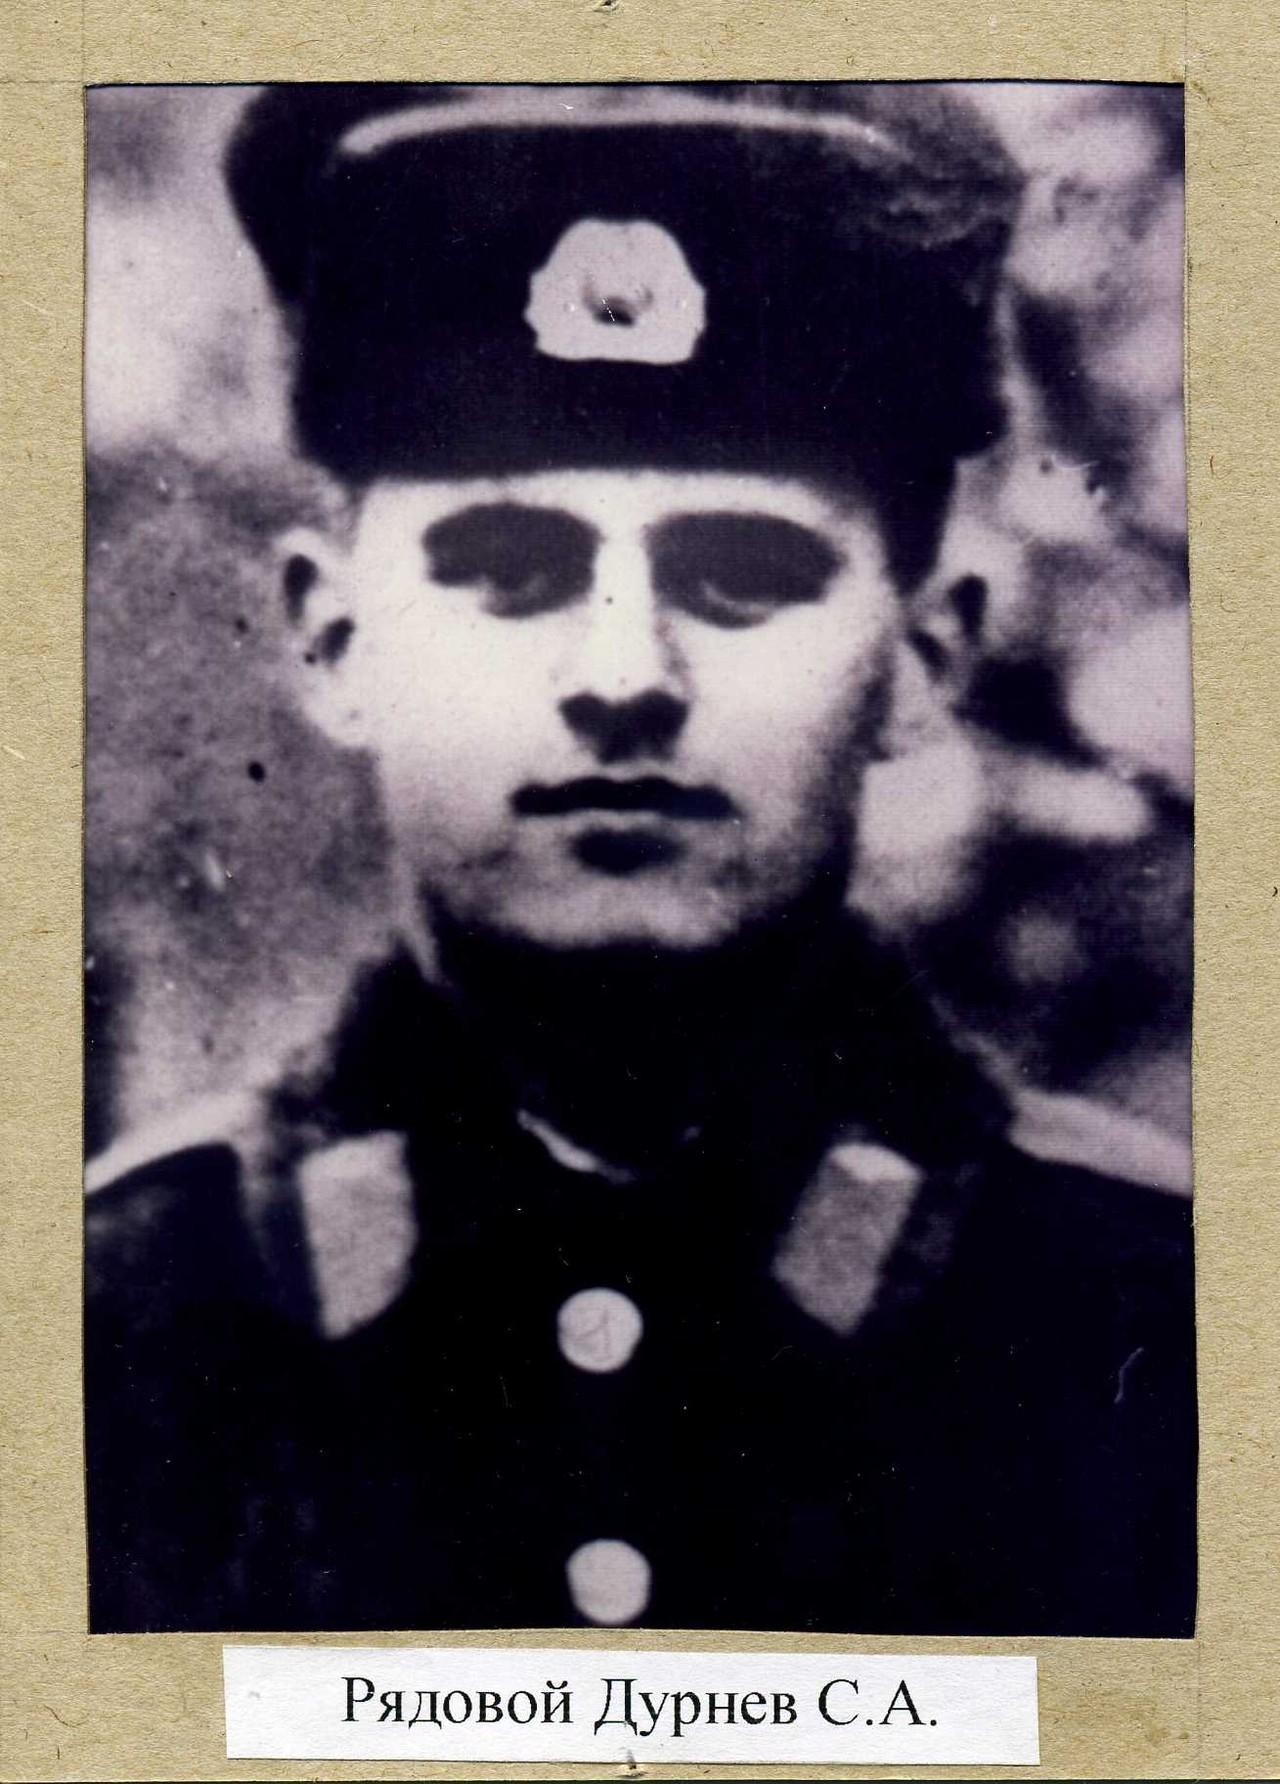 Дурнев Сергей Анатольевич